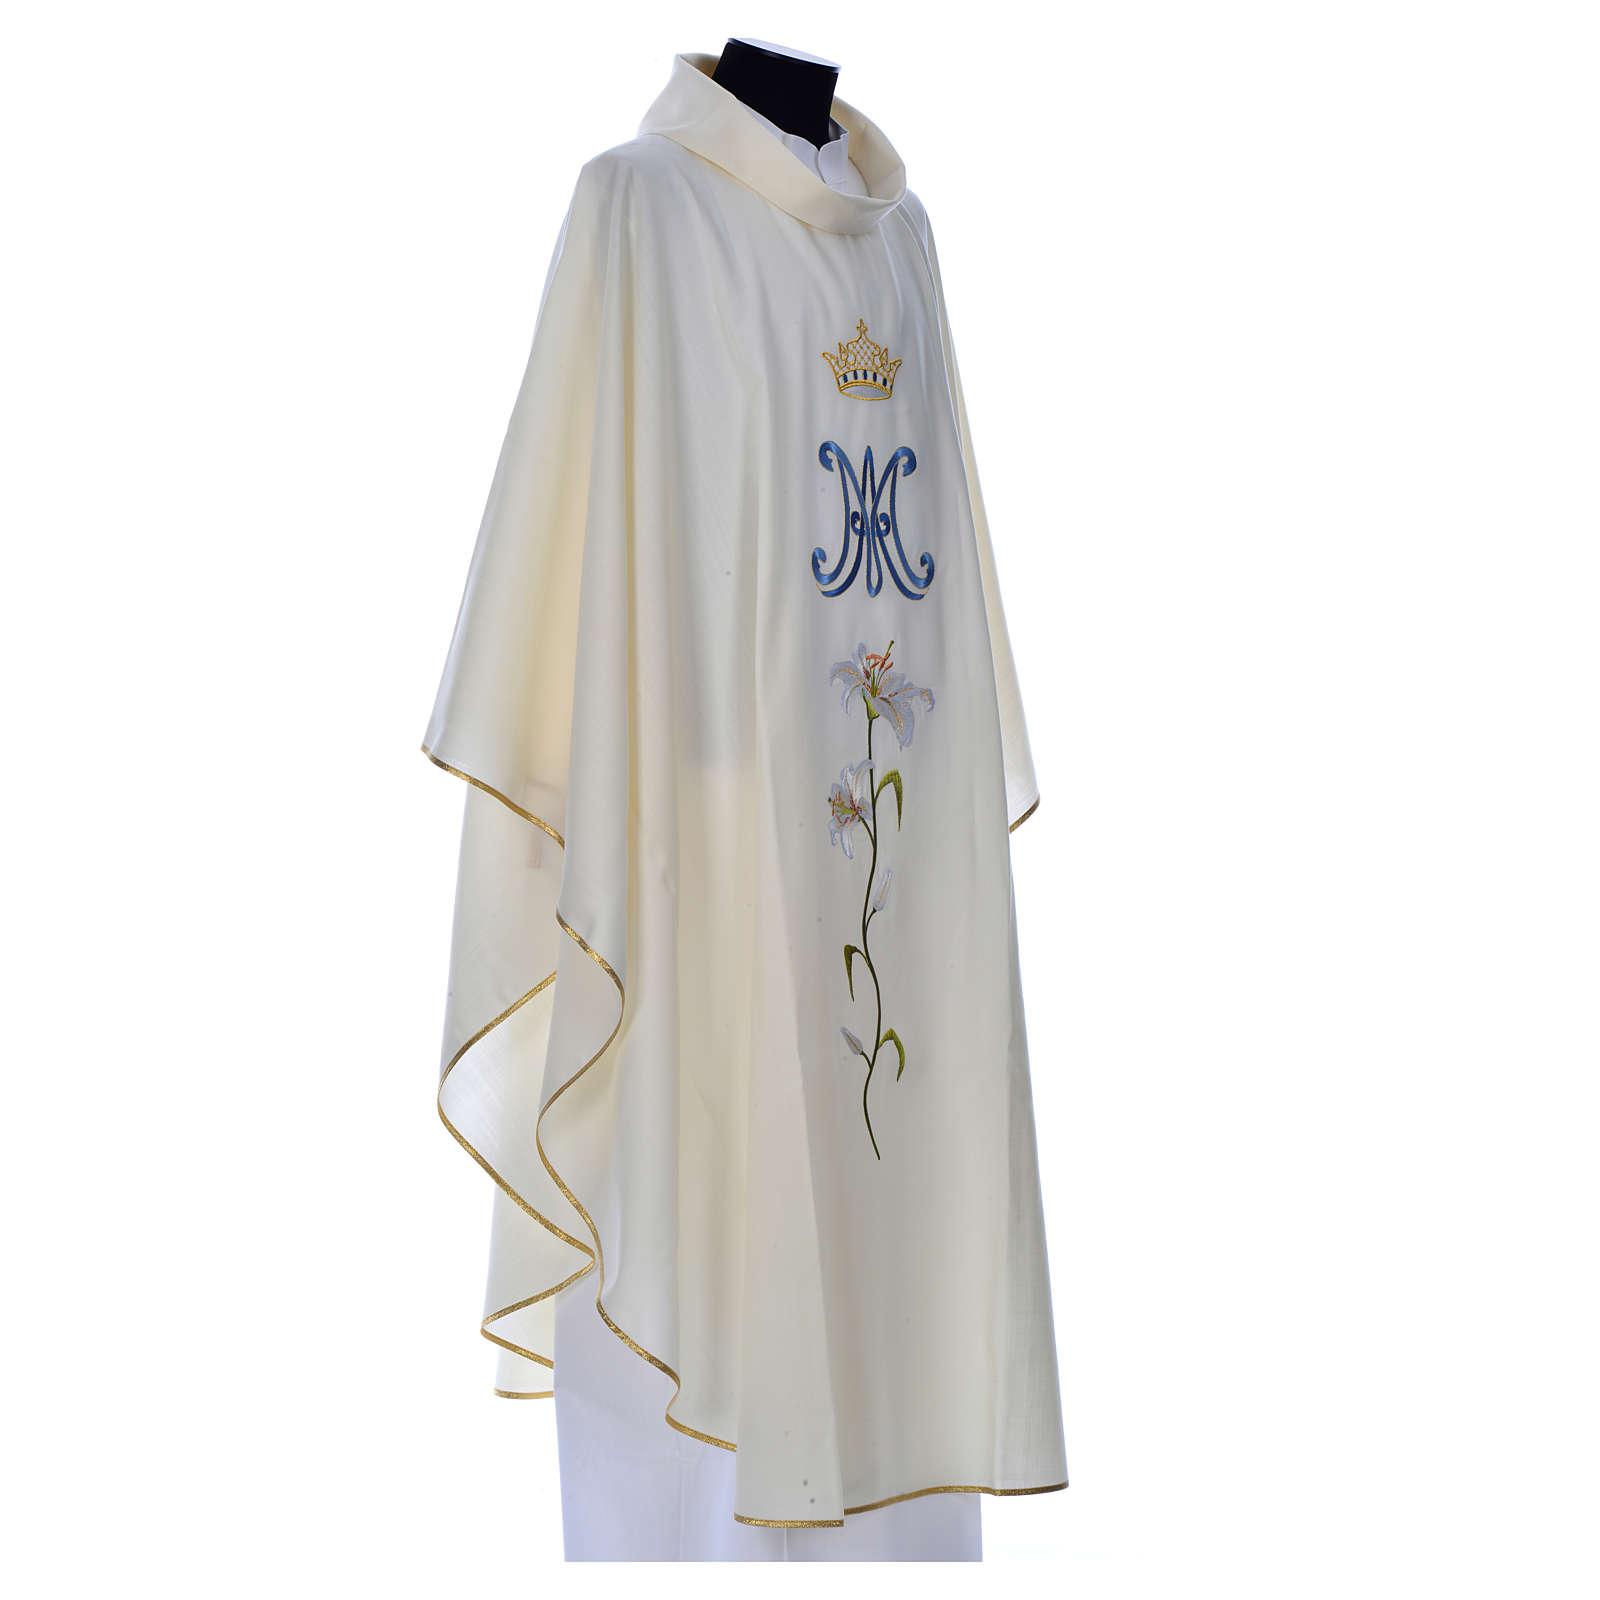 Casula mariana pura lã 4